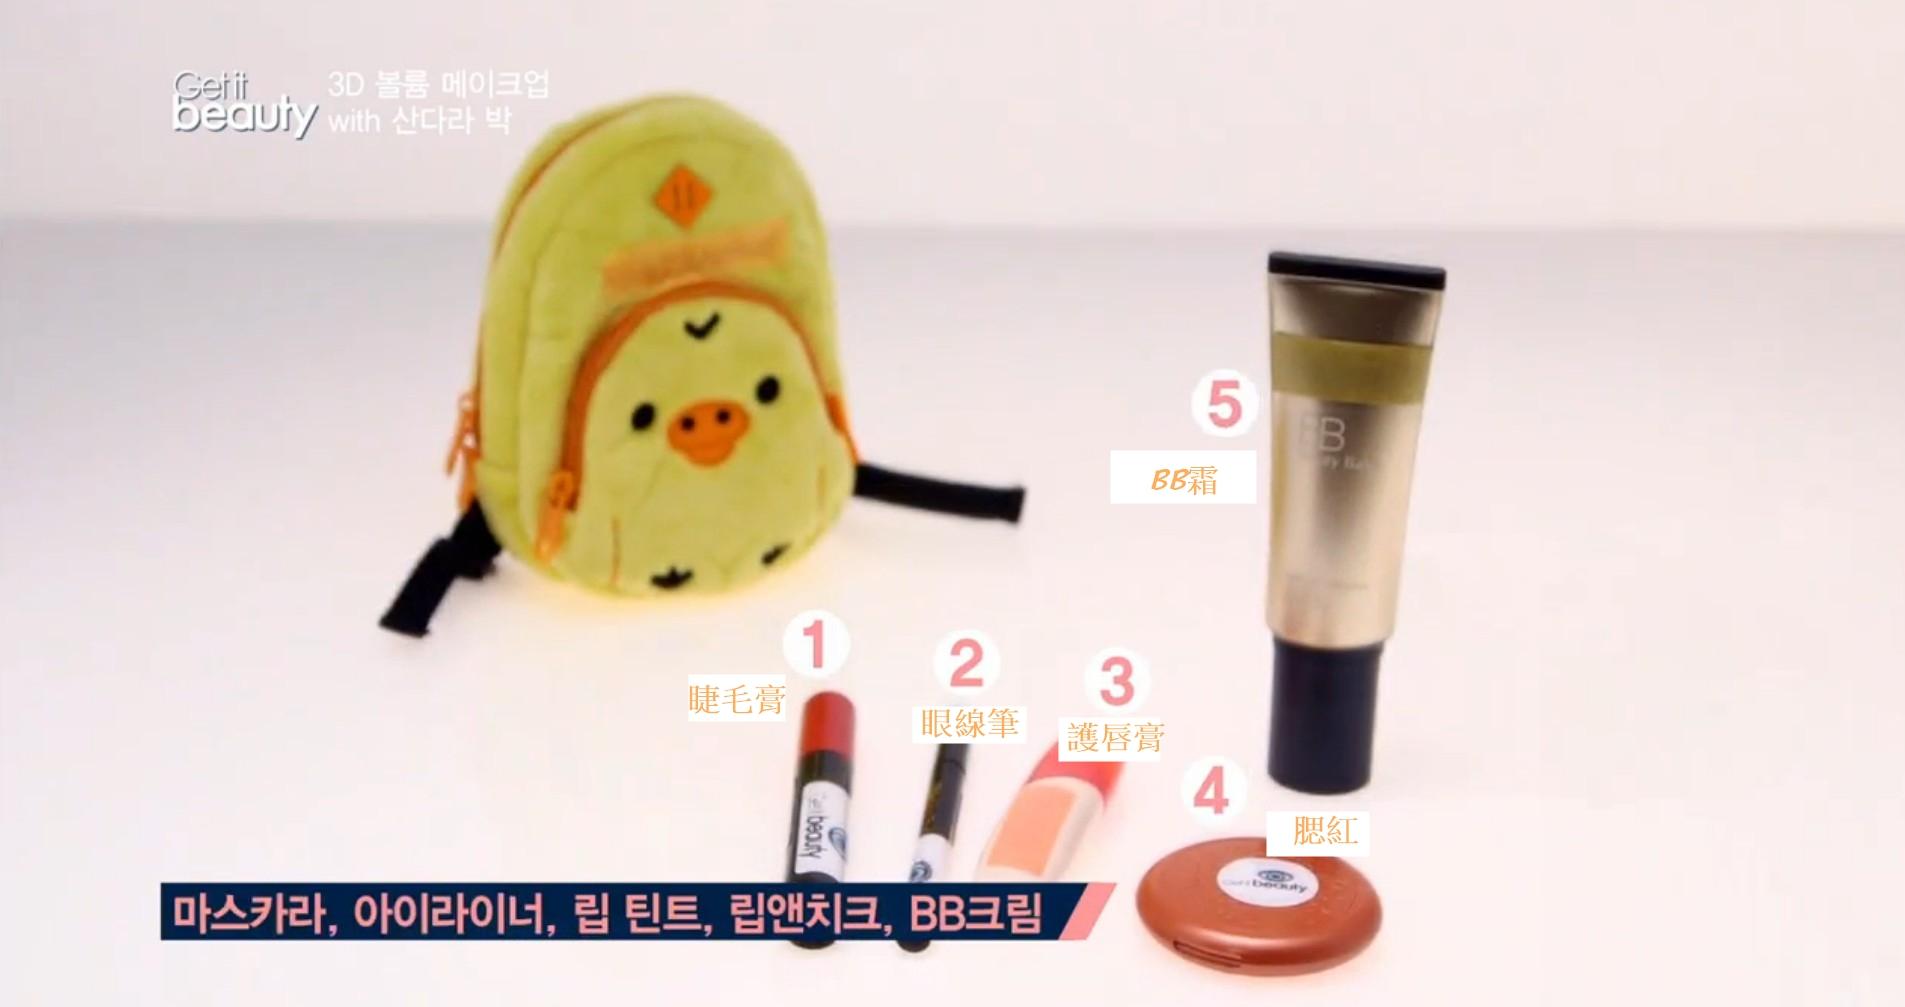 這五樣東西就是Dara日常會帶在身上的彩妝品,大家也試試看用這五樣東西,打造出立體小臉感吧!